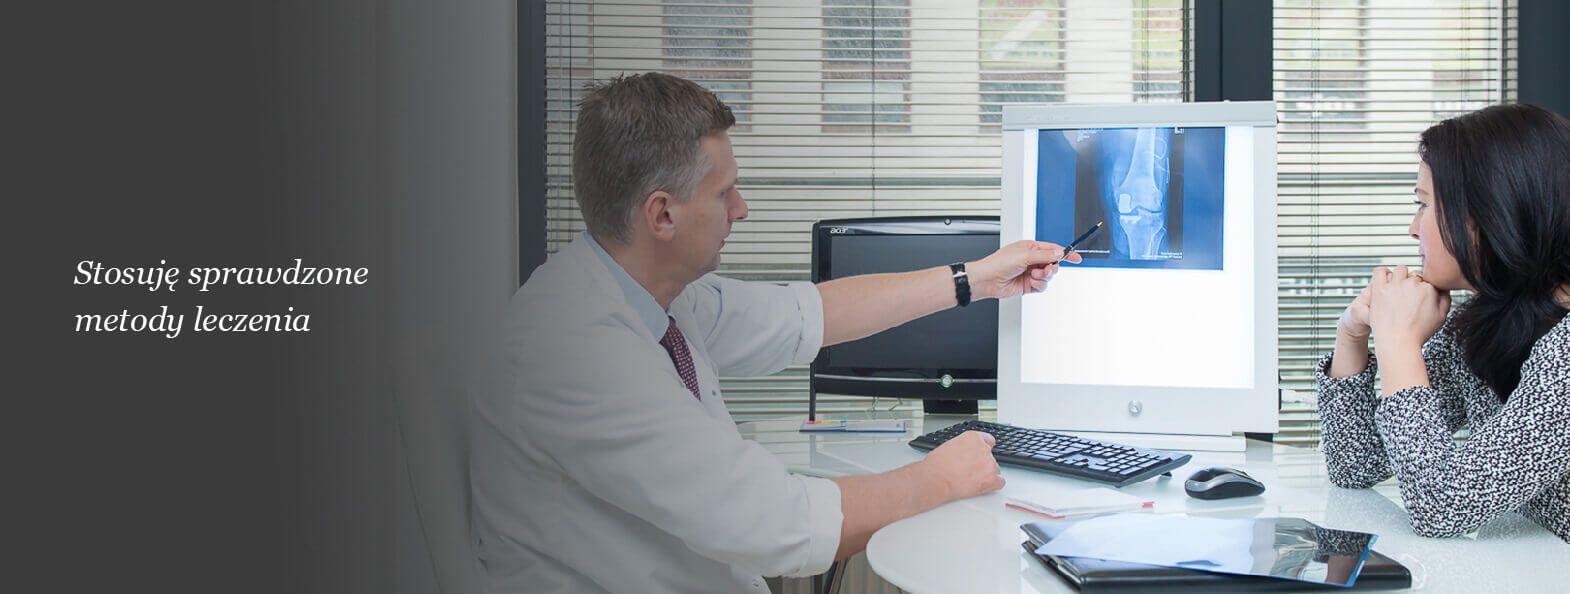 Rafał Mikusek objaśnia pacjentowi wynik zdjęcia rtg